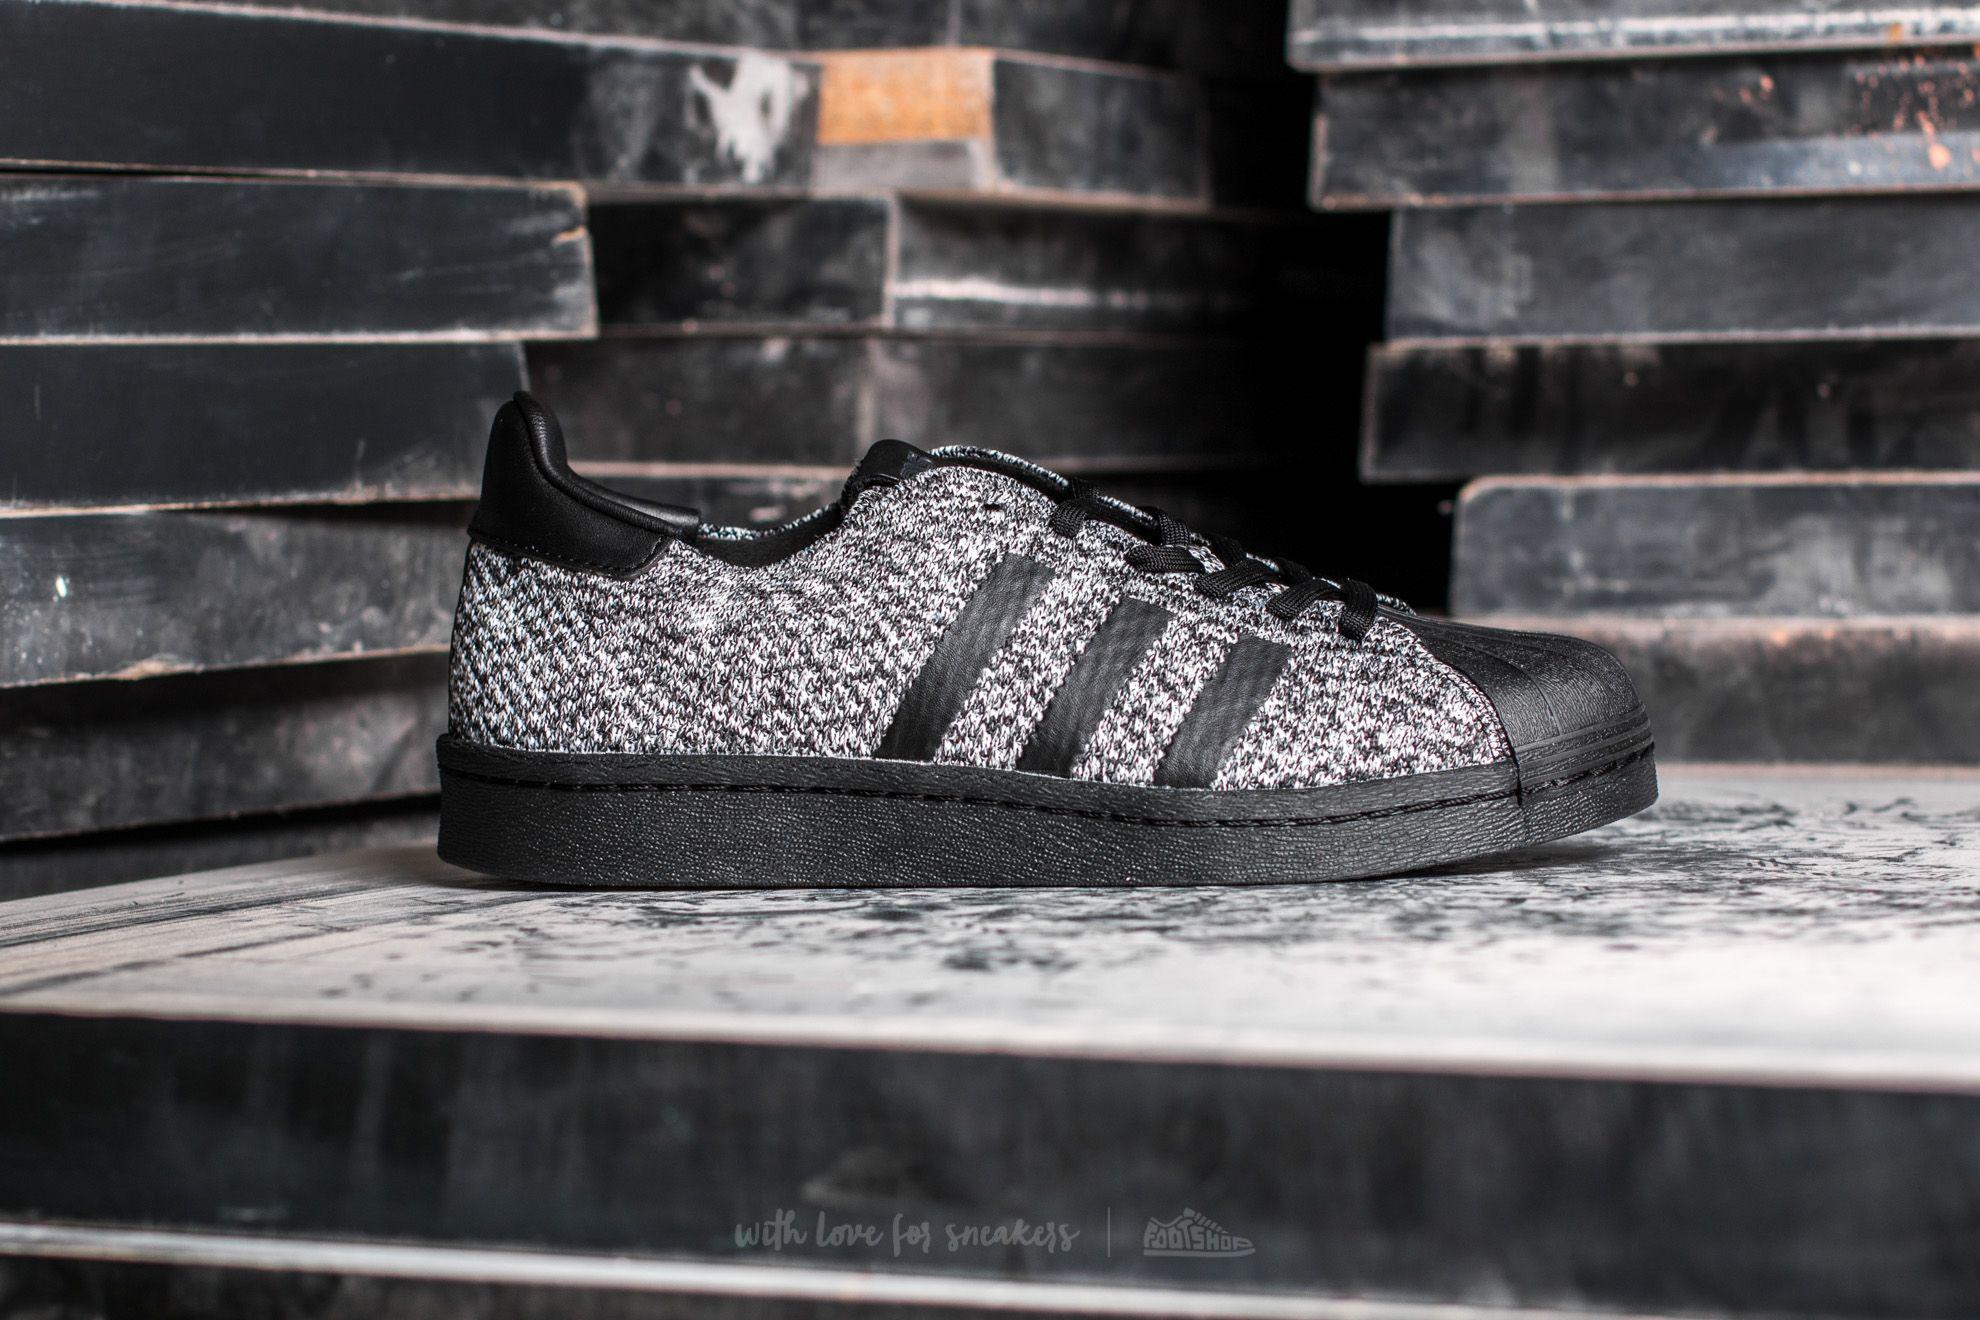 Zapatilla Adidas Consortium Lyst footshop intercambio x sneakersnstuff